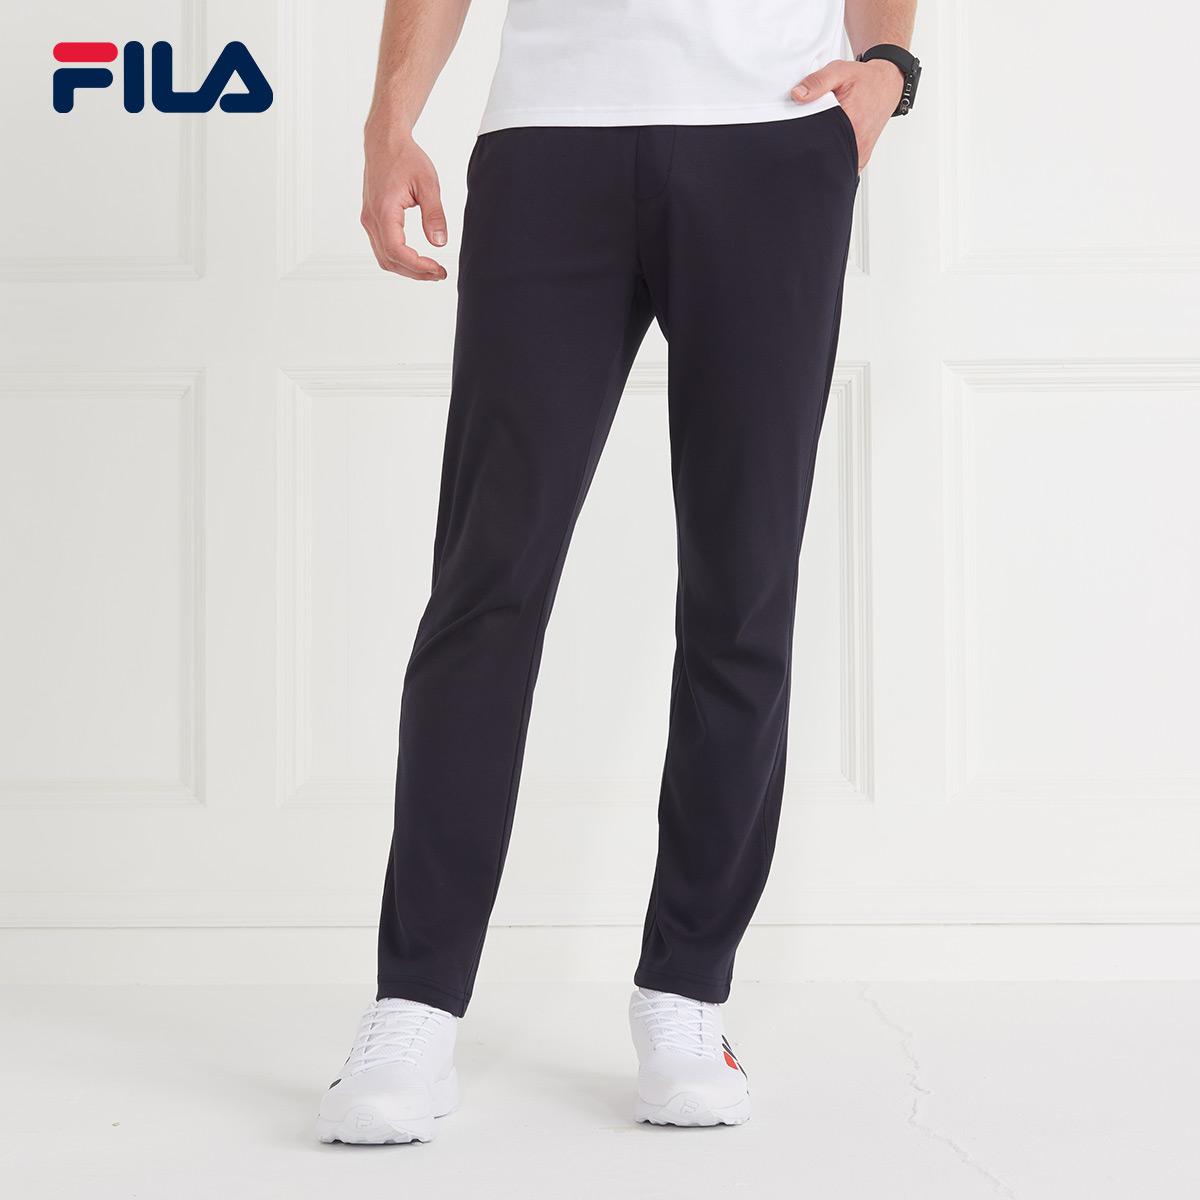 FILA斐乐男2018夏季新款潮运动休闲长裤|F11M821609F